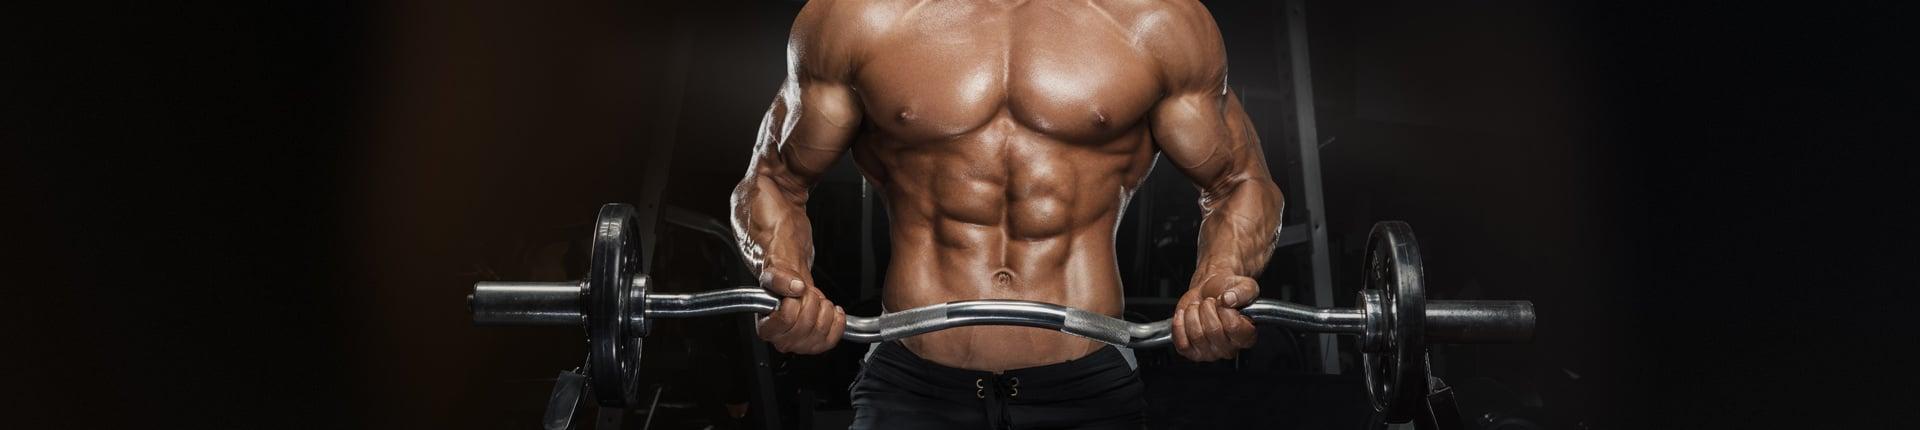 5 ćwiczeń na ogromne bicepsy